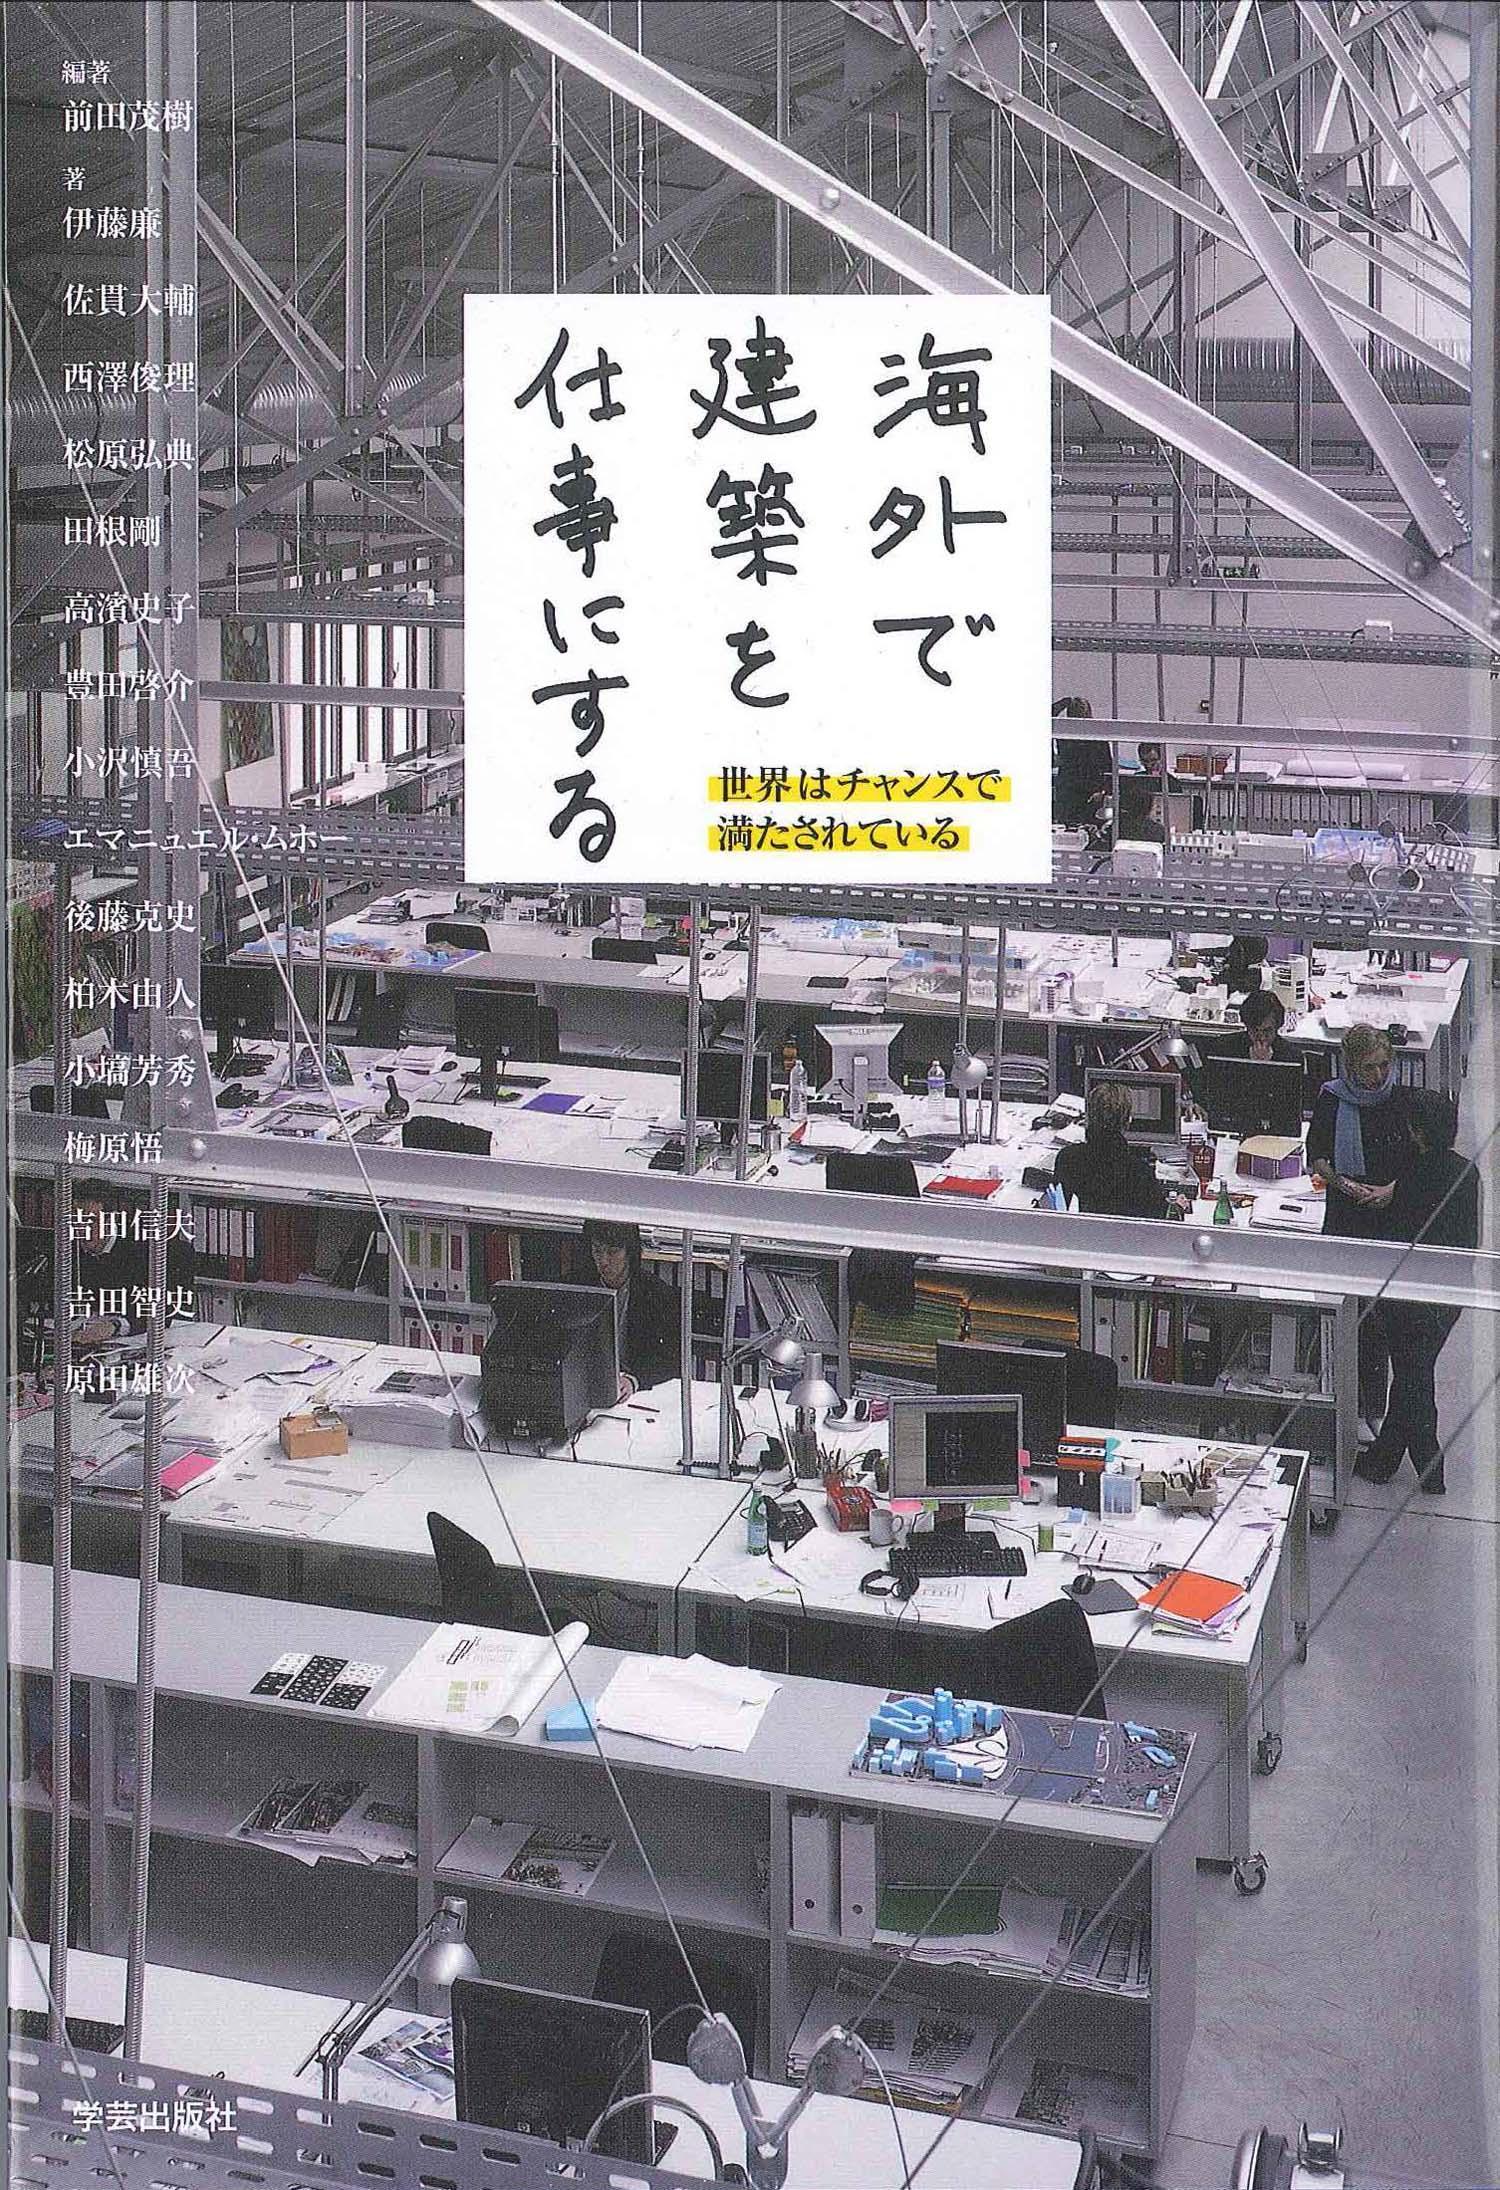 エッセイ<br>「東京の街がエネルギーをくれる」